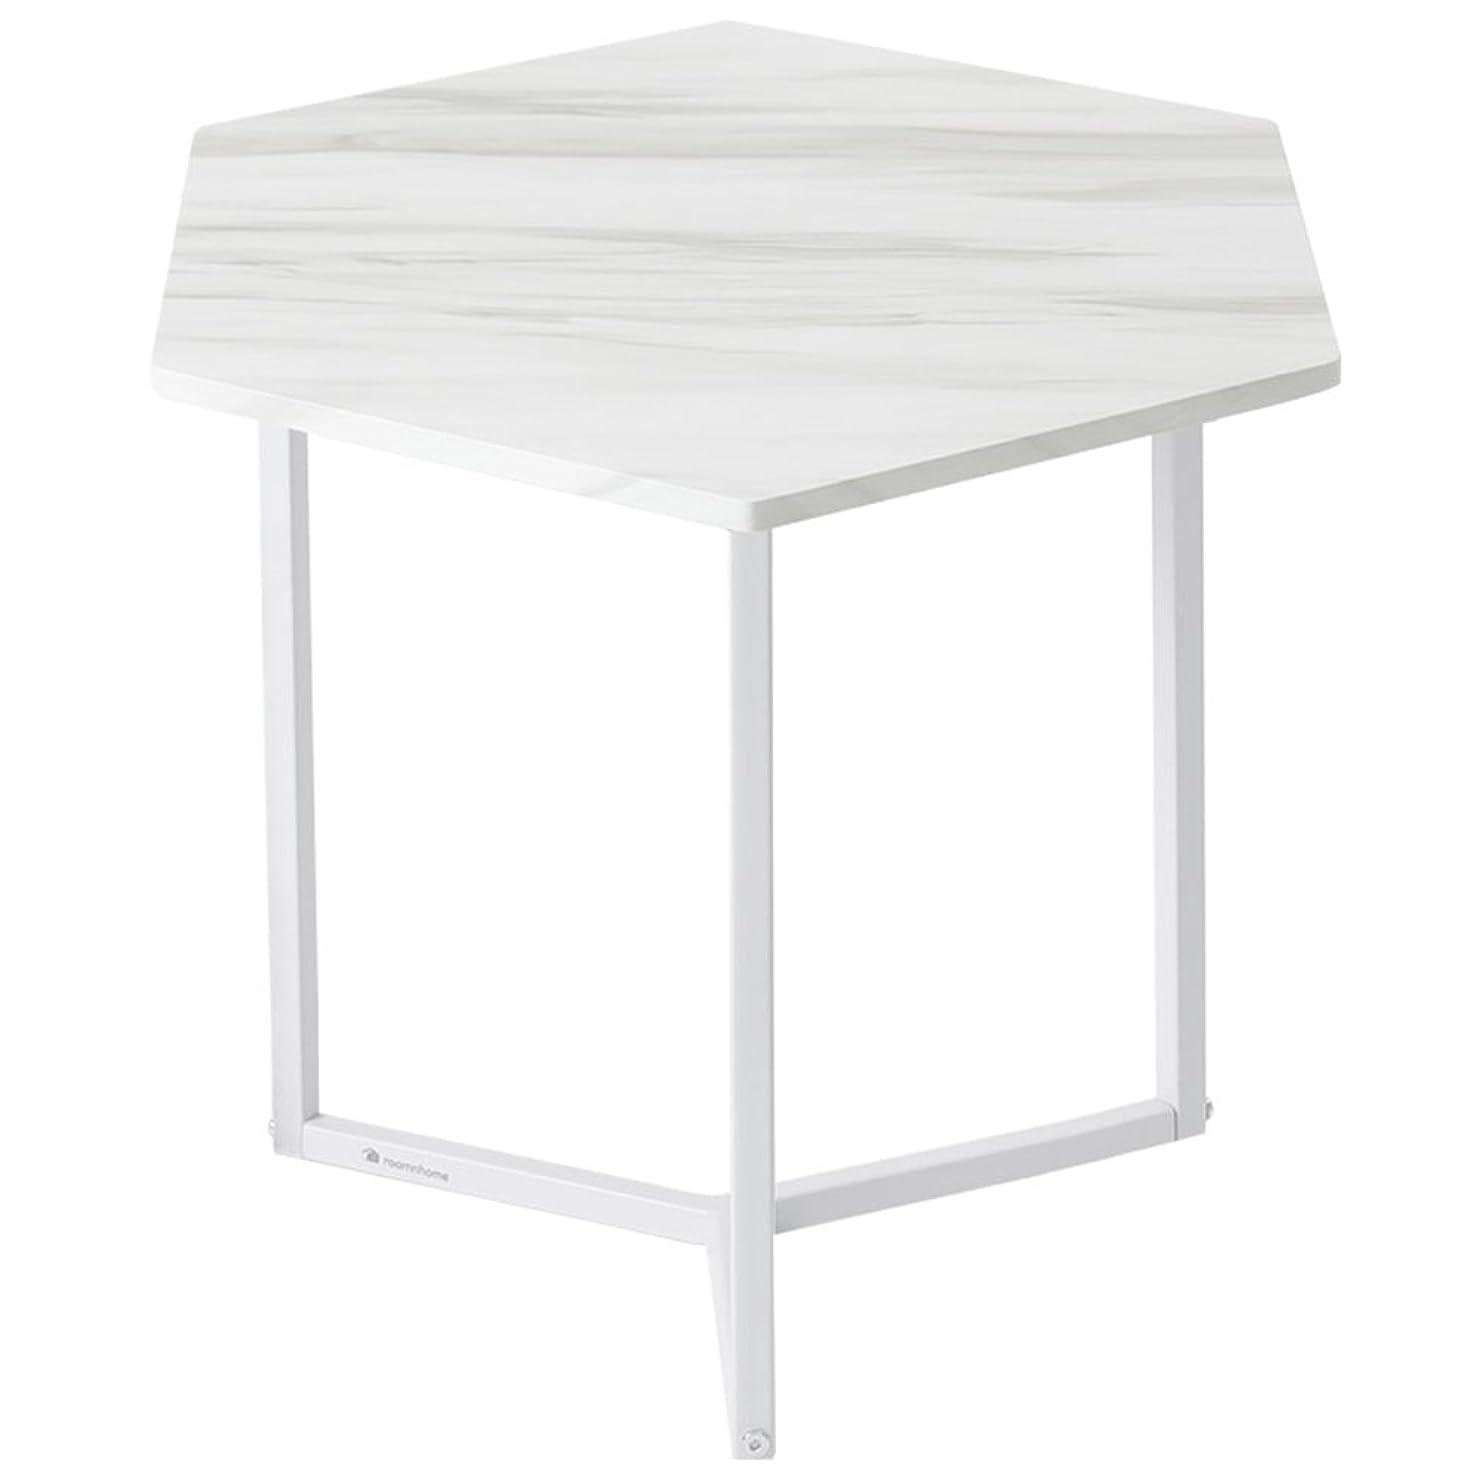 代表よろめくバタールームアンドホーム テーブル 六角 ノルディック ホワイト 37×37×45cm